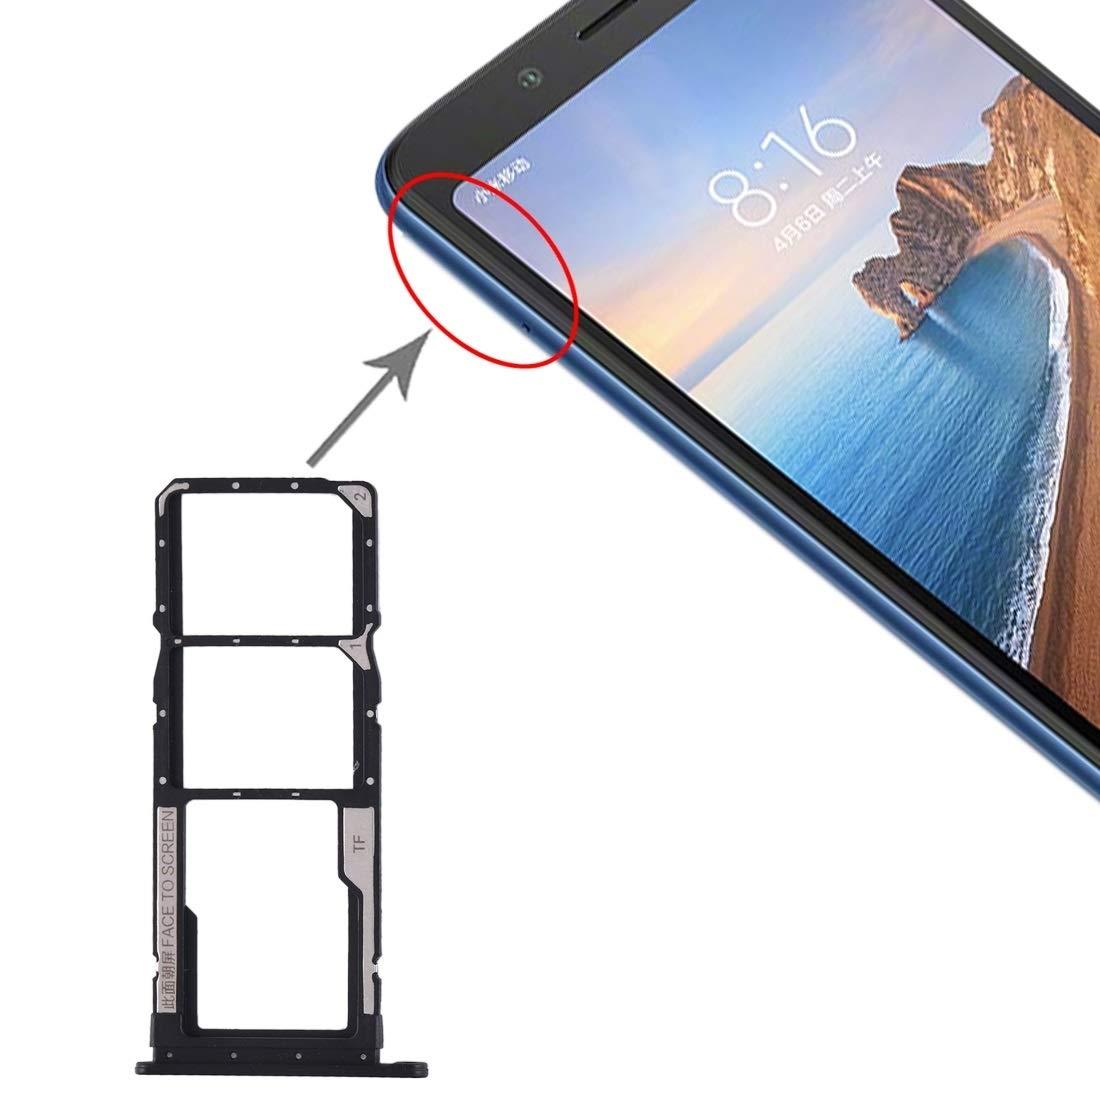 Repuestos para Smartphone Bandeja de Tarjeta SIM + Bandeja de Tarjeta SIM + Bandeja de Tarjeta Micro SD for Xiaomi Redmi 7A (Negro) Flex Cable (Color : Black): Amazon.es: Electrónica